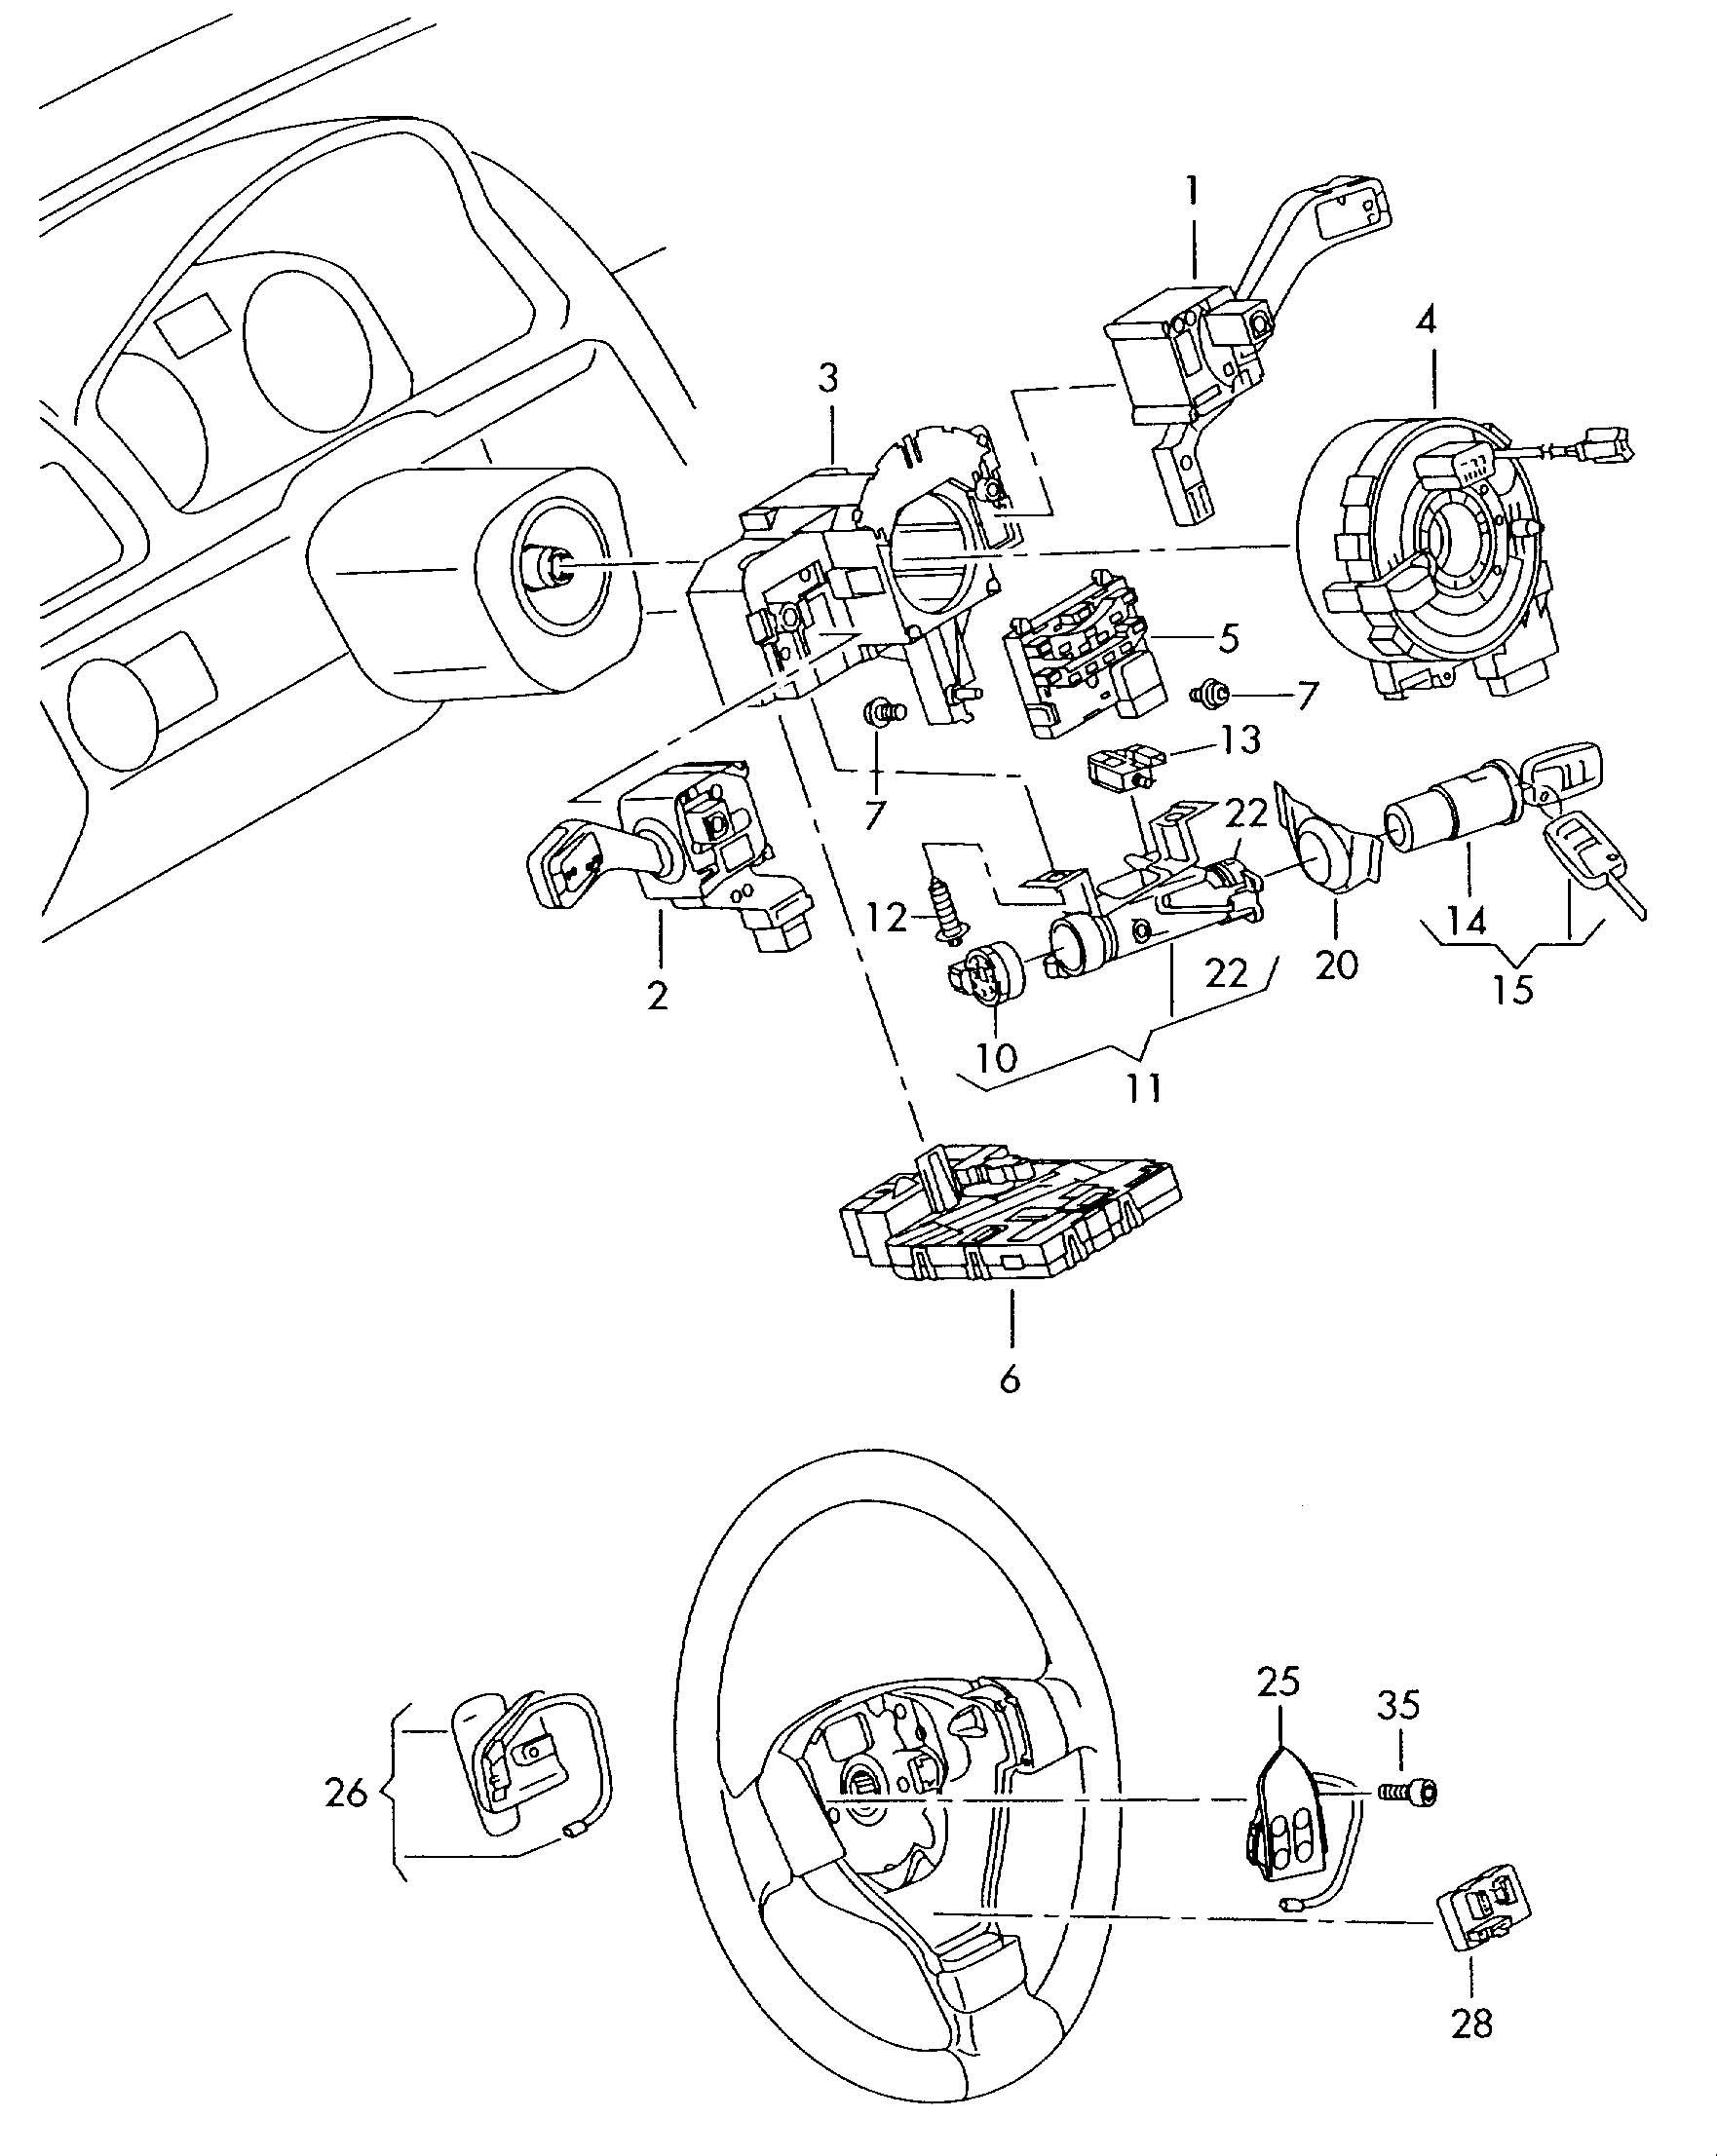 Volkswagen Tiguan Steering Column Lock With Ignition